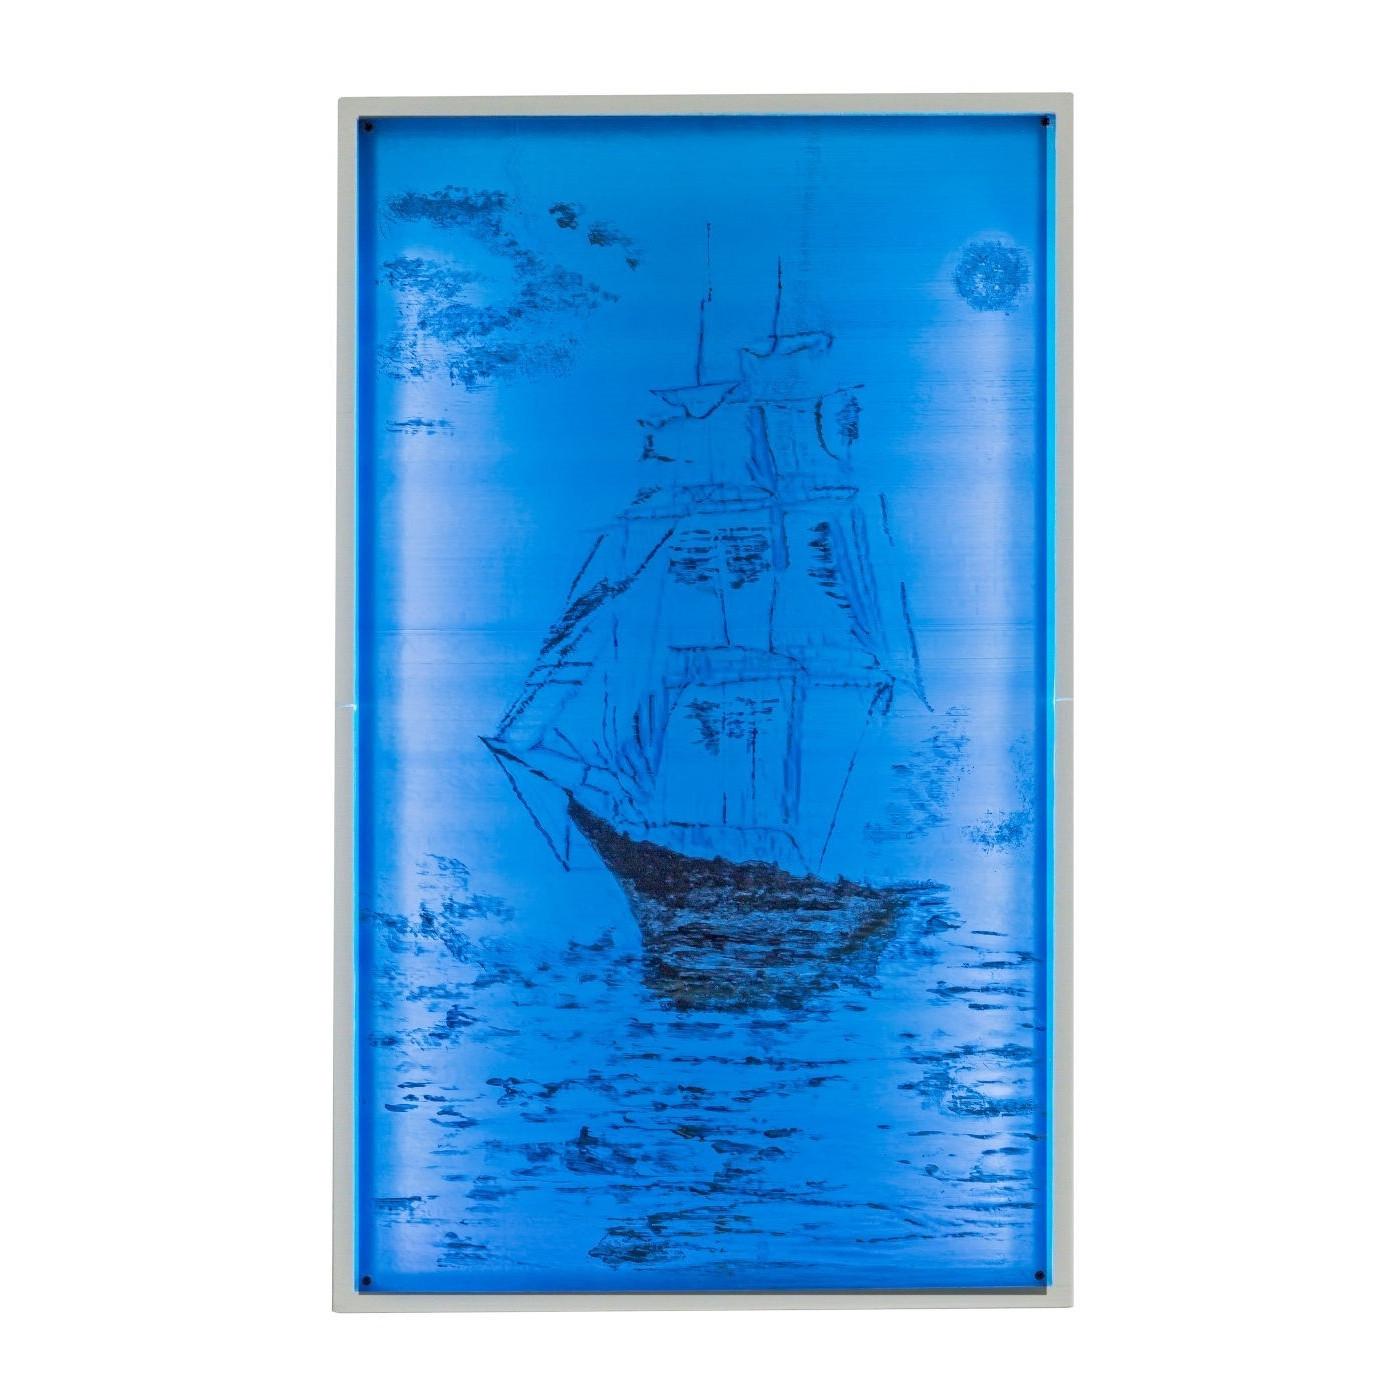 quadri 3d arredo casa Art 06 Quadro Veliero dipinto a mano retroilluminato LG